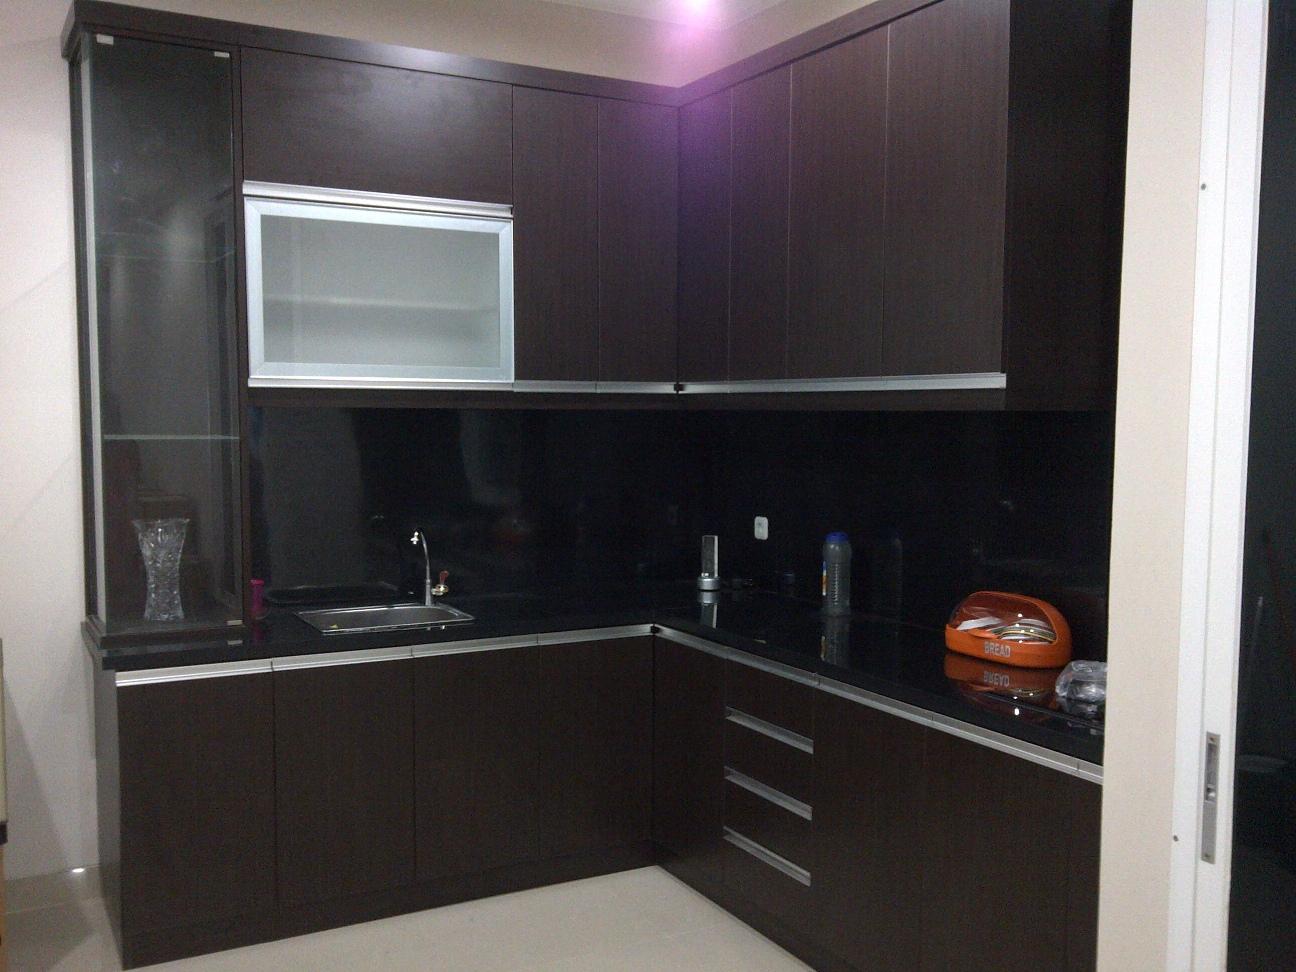 Furniture interior harga terjangkau kitchen set for Harga kitchen set stainless